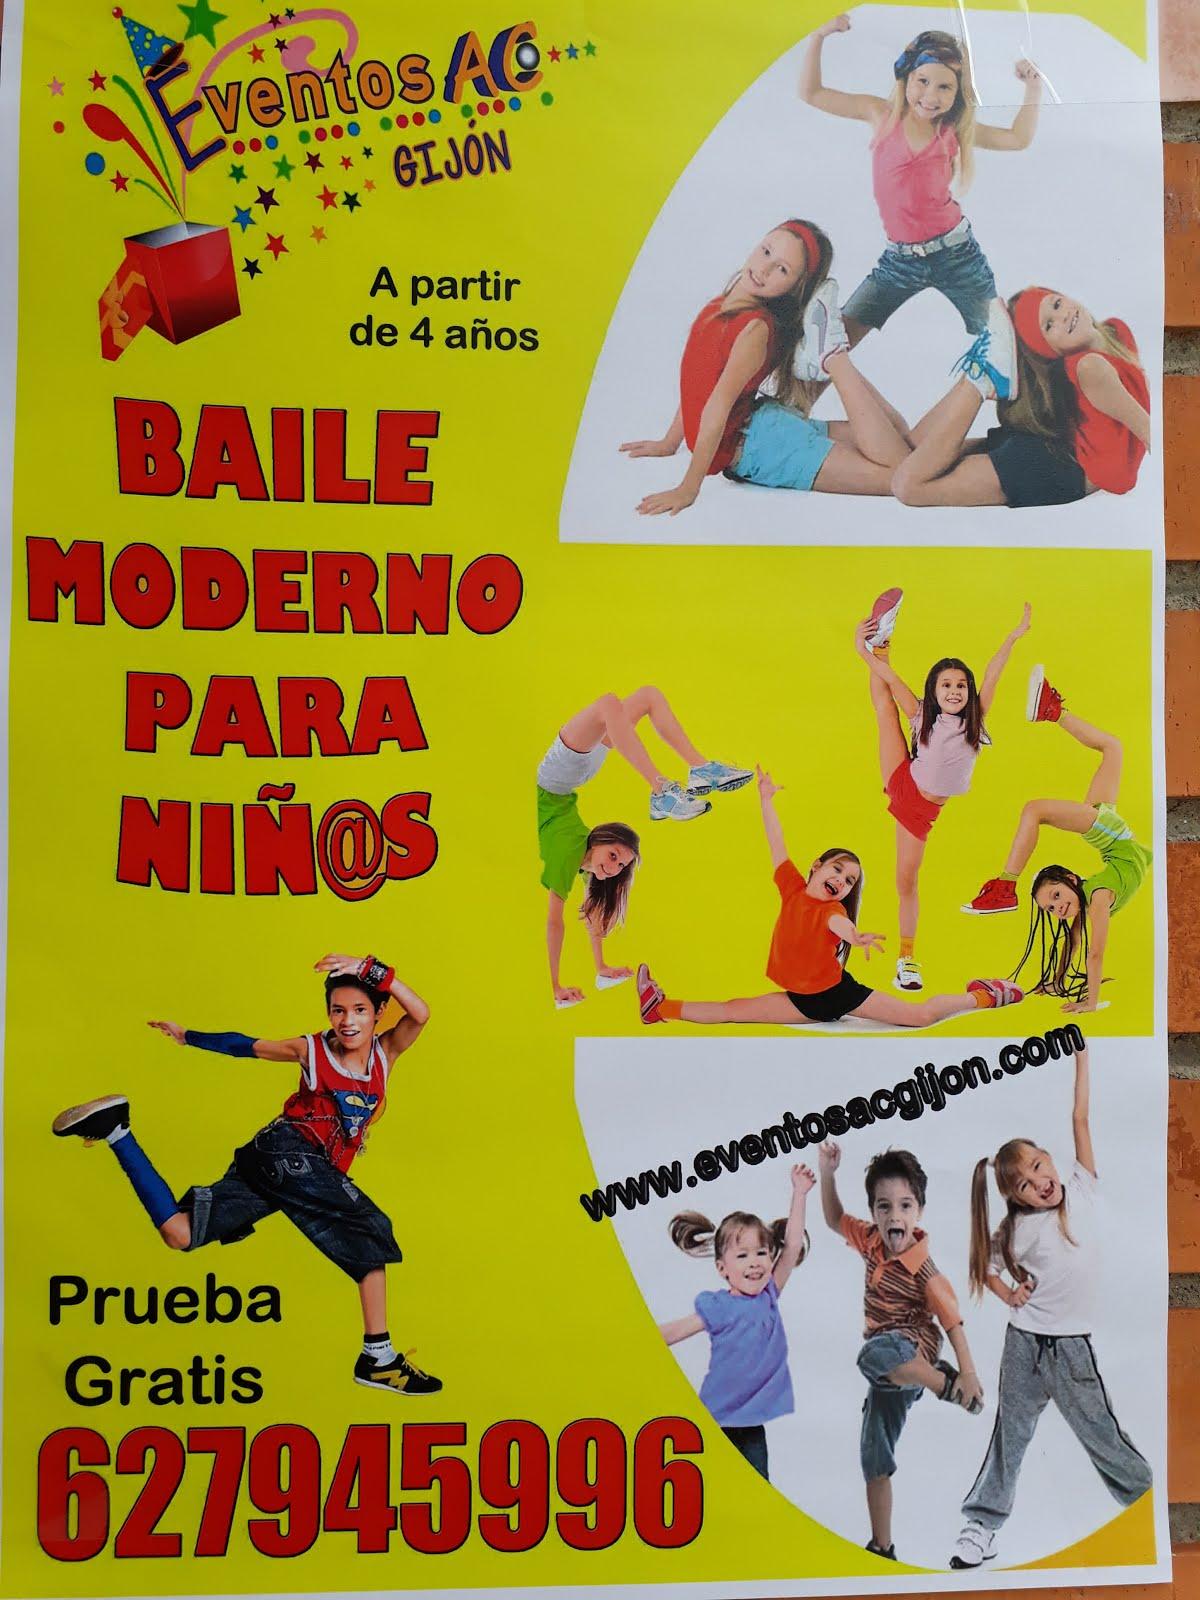 BAILE MODERNO PARA NIÑOS. música libre con licencia Creative Commons